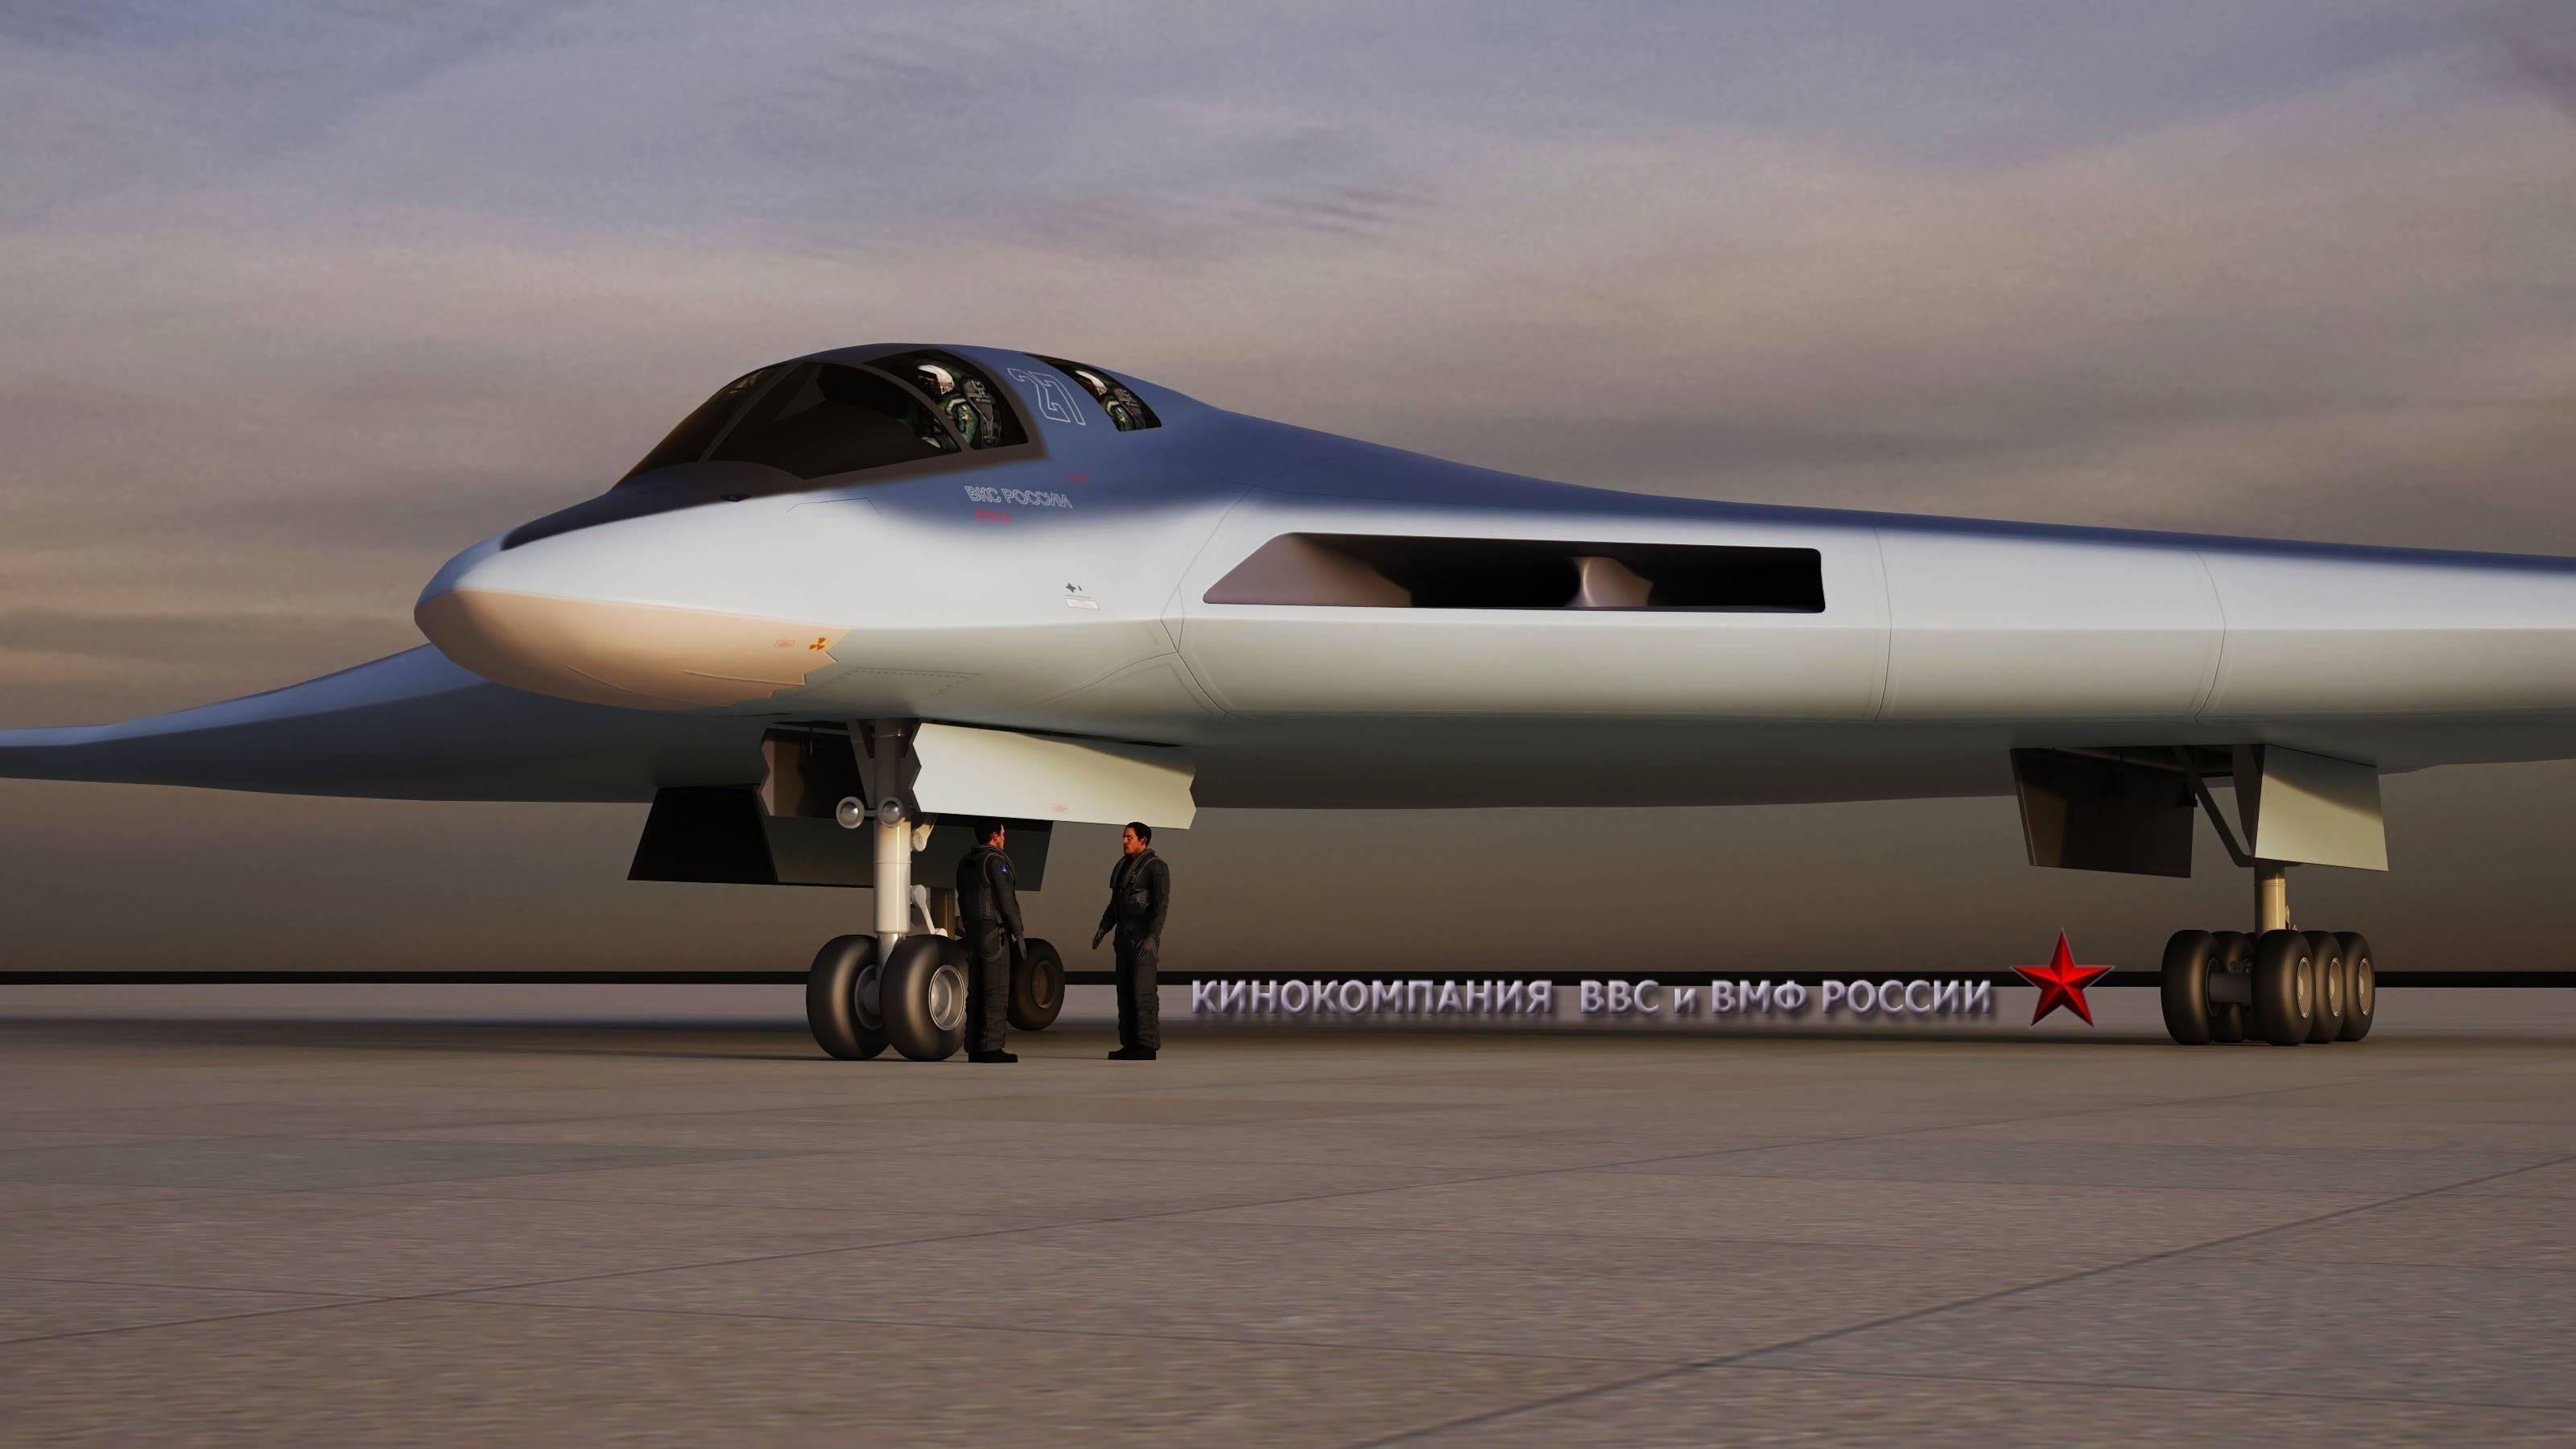 Конкурс проектов: чей стратегический бомбардировщик будет лучше | статьи | известия